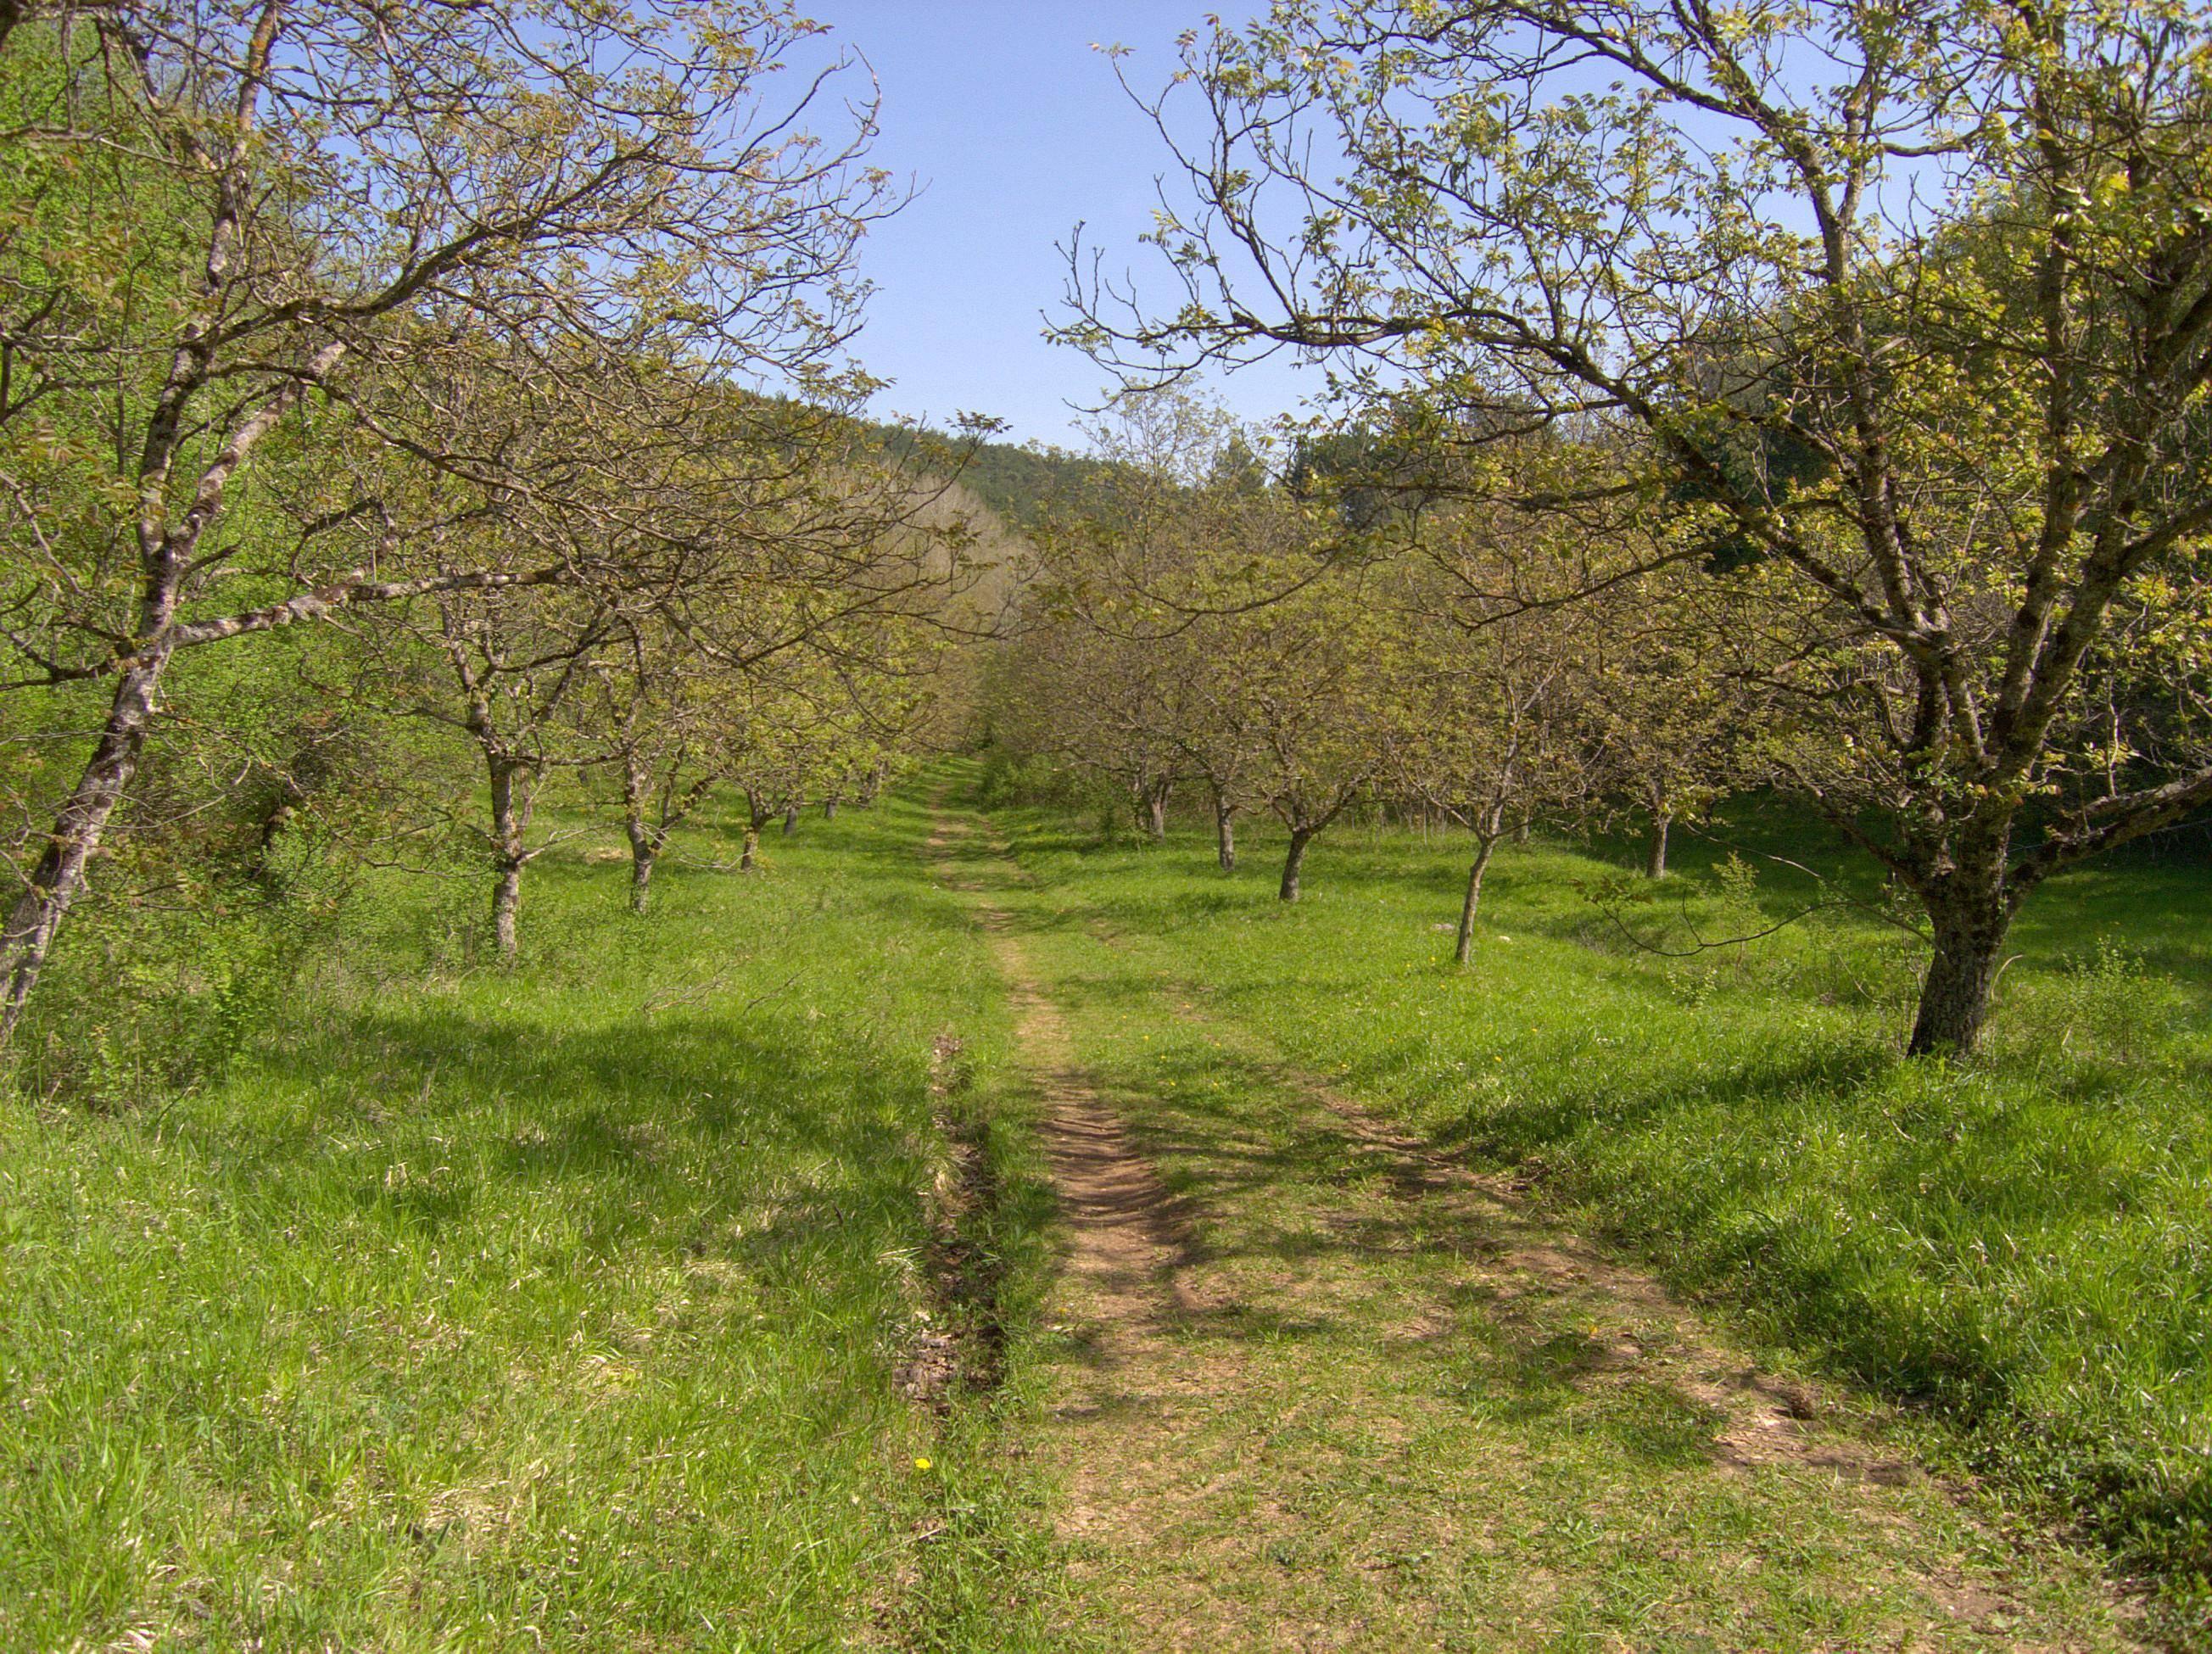 Ореховые сады в украине: реалии и персективы — портал ореховод